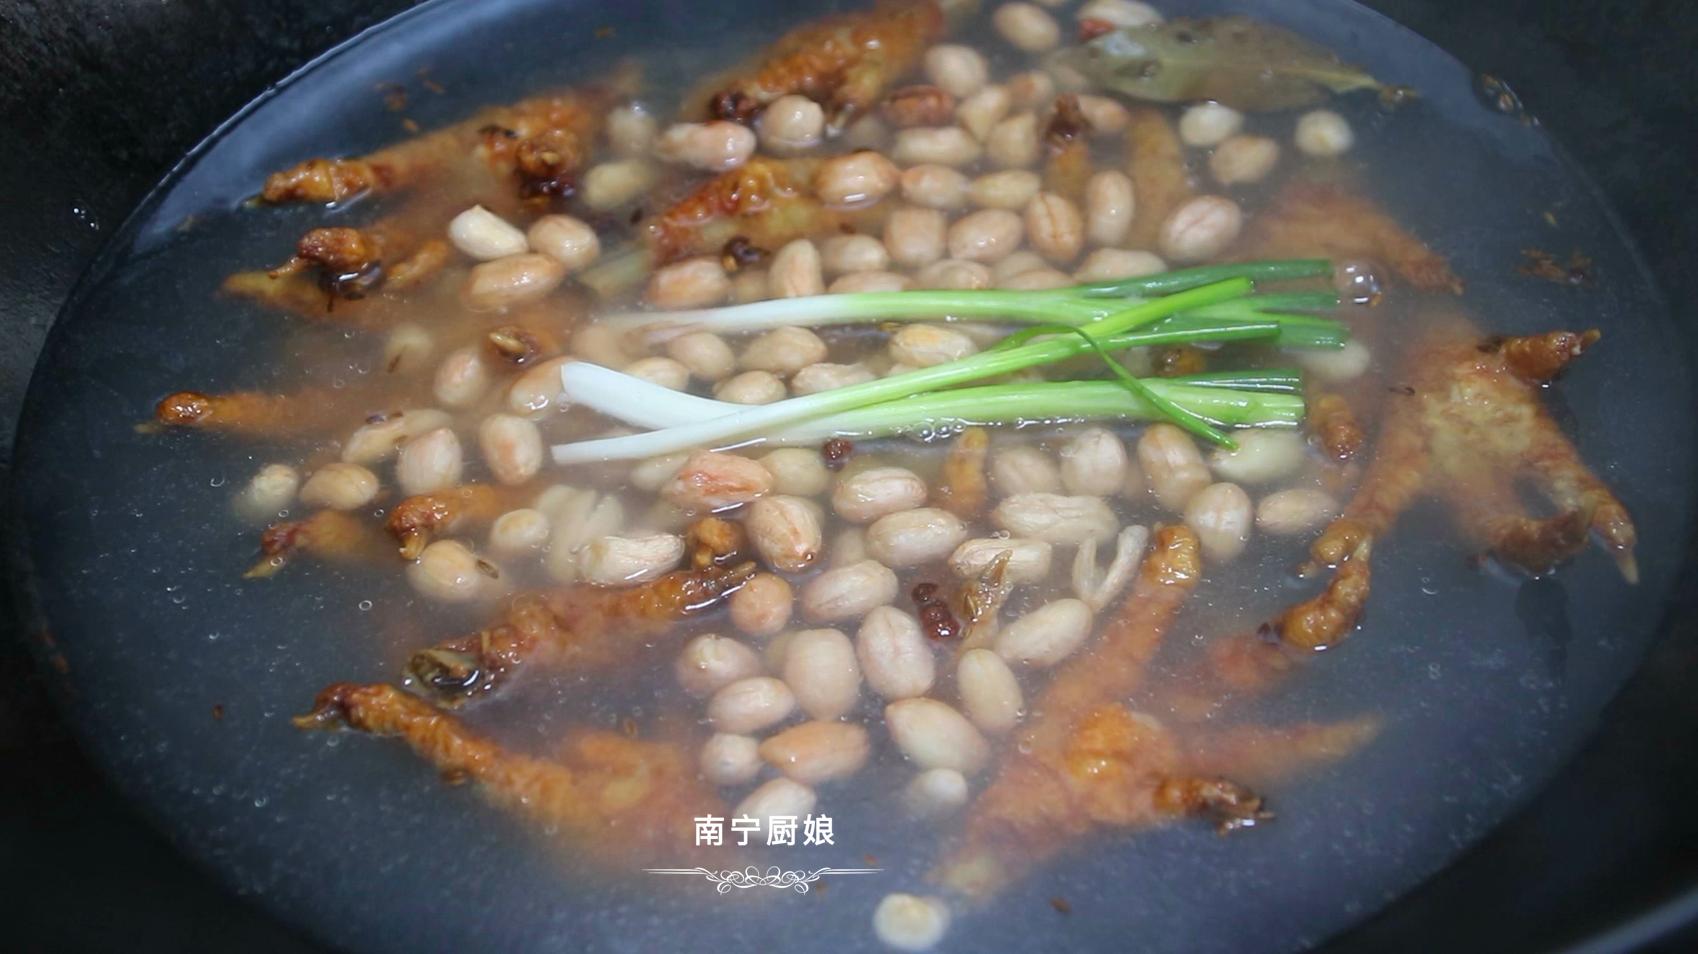 雞爪這做法太好吃了,軟糯入味,入口脫骨,難怪廣東人早茶必吃它